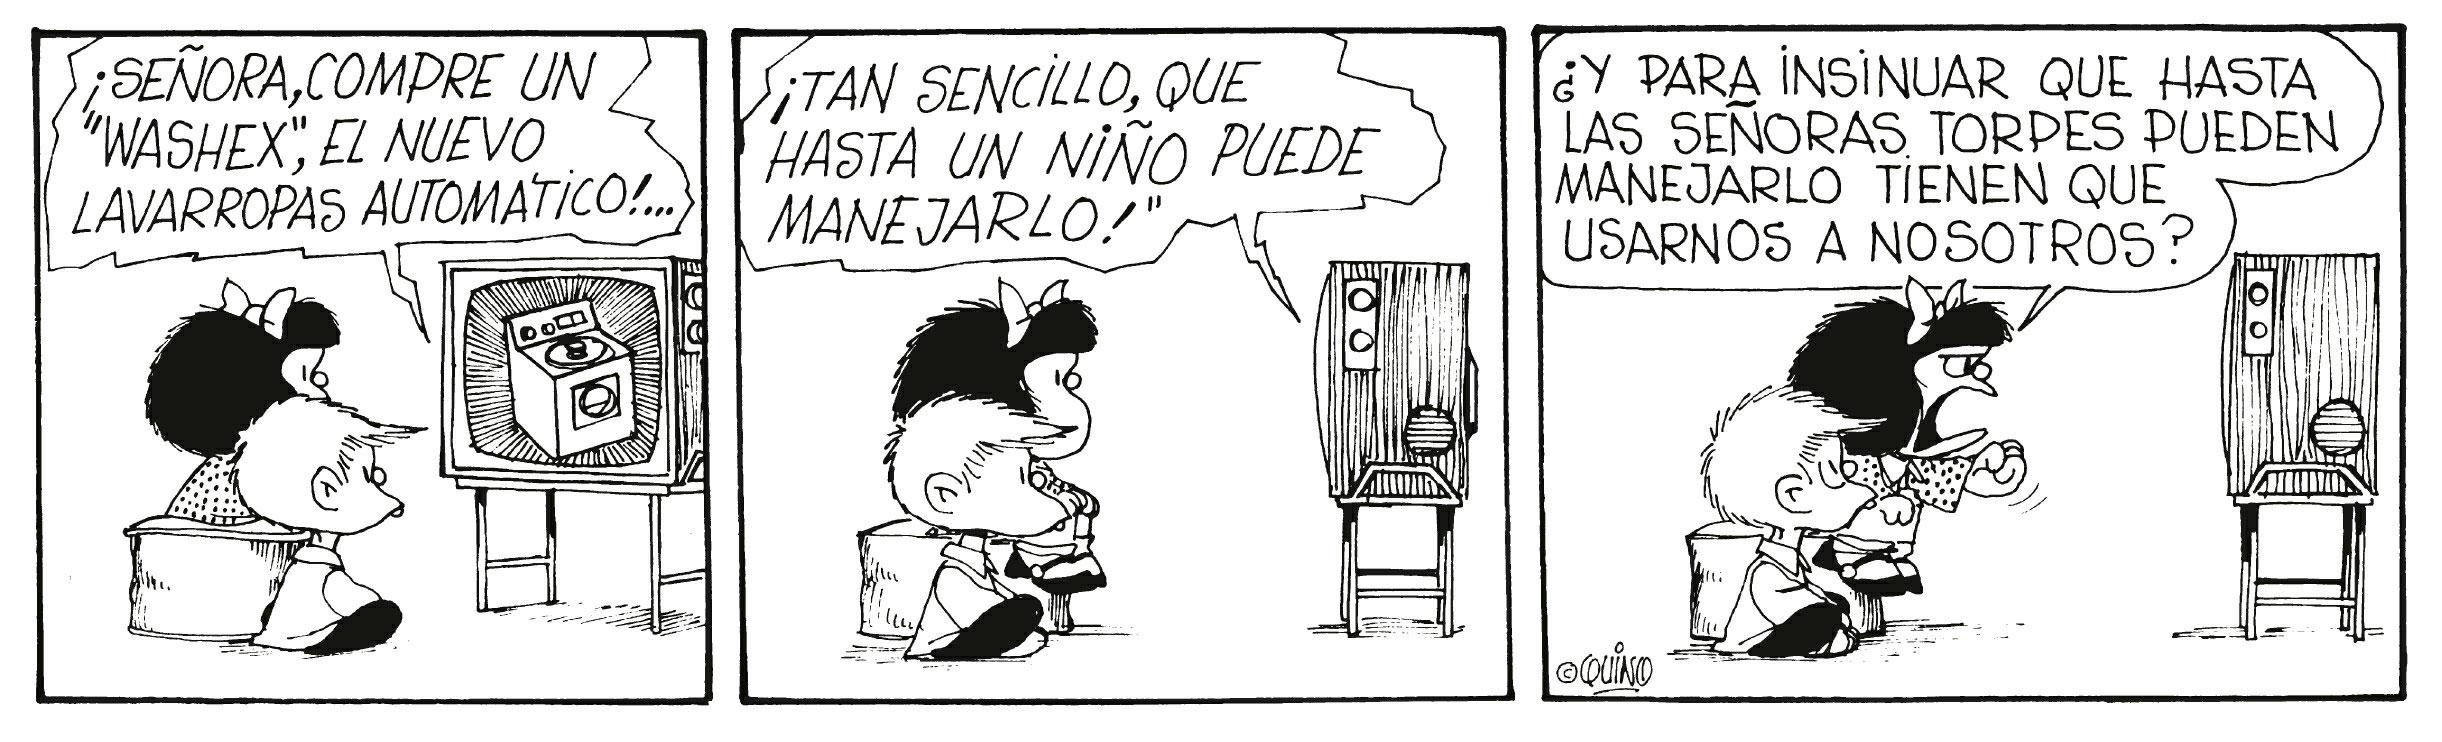 Gentileza Editorial De la Flor